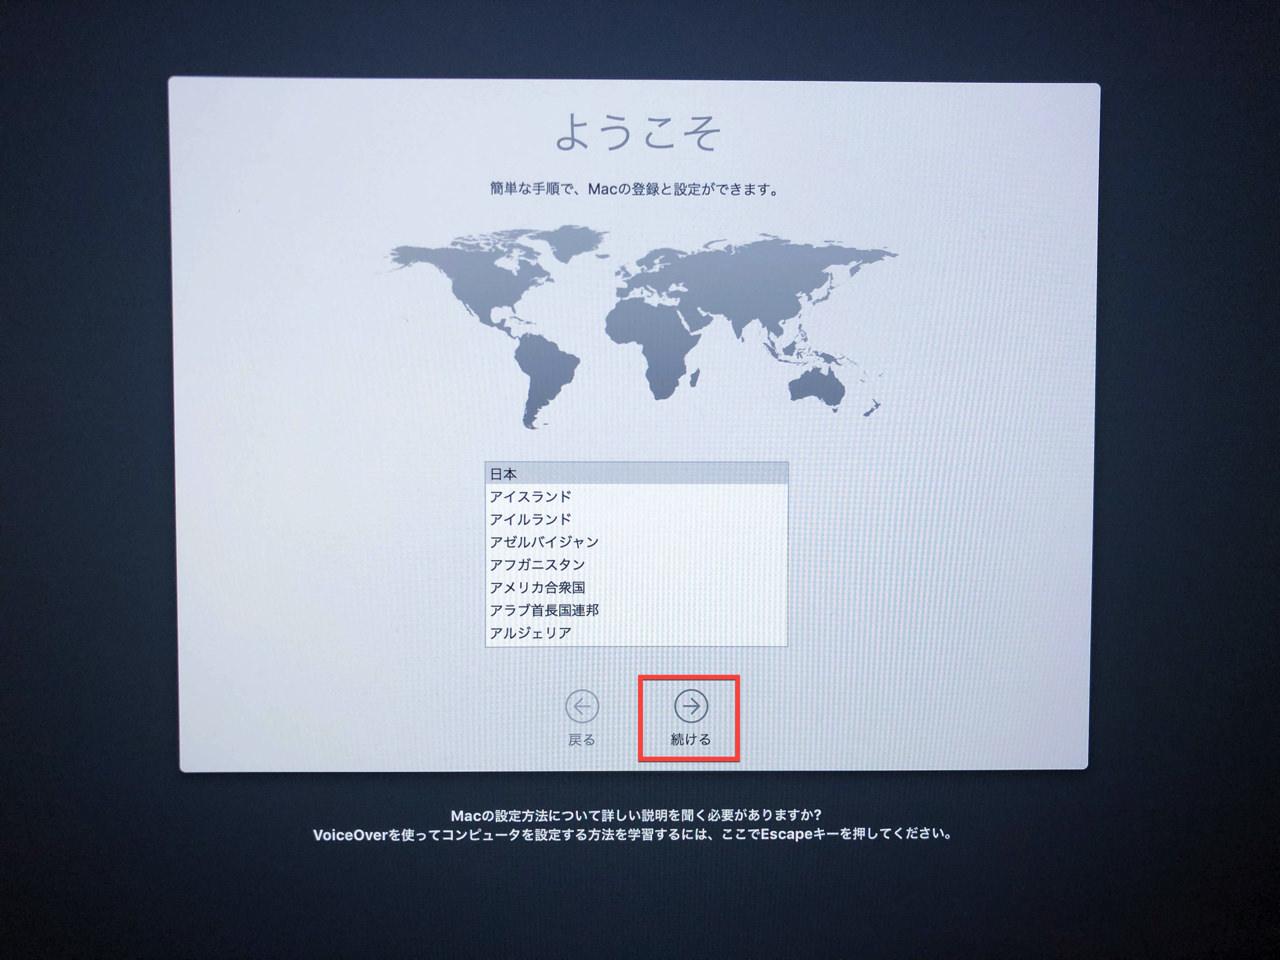 macOSの使用言語を選ぶ